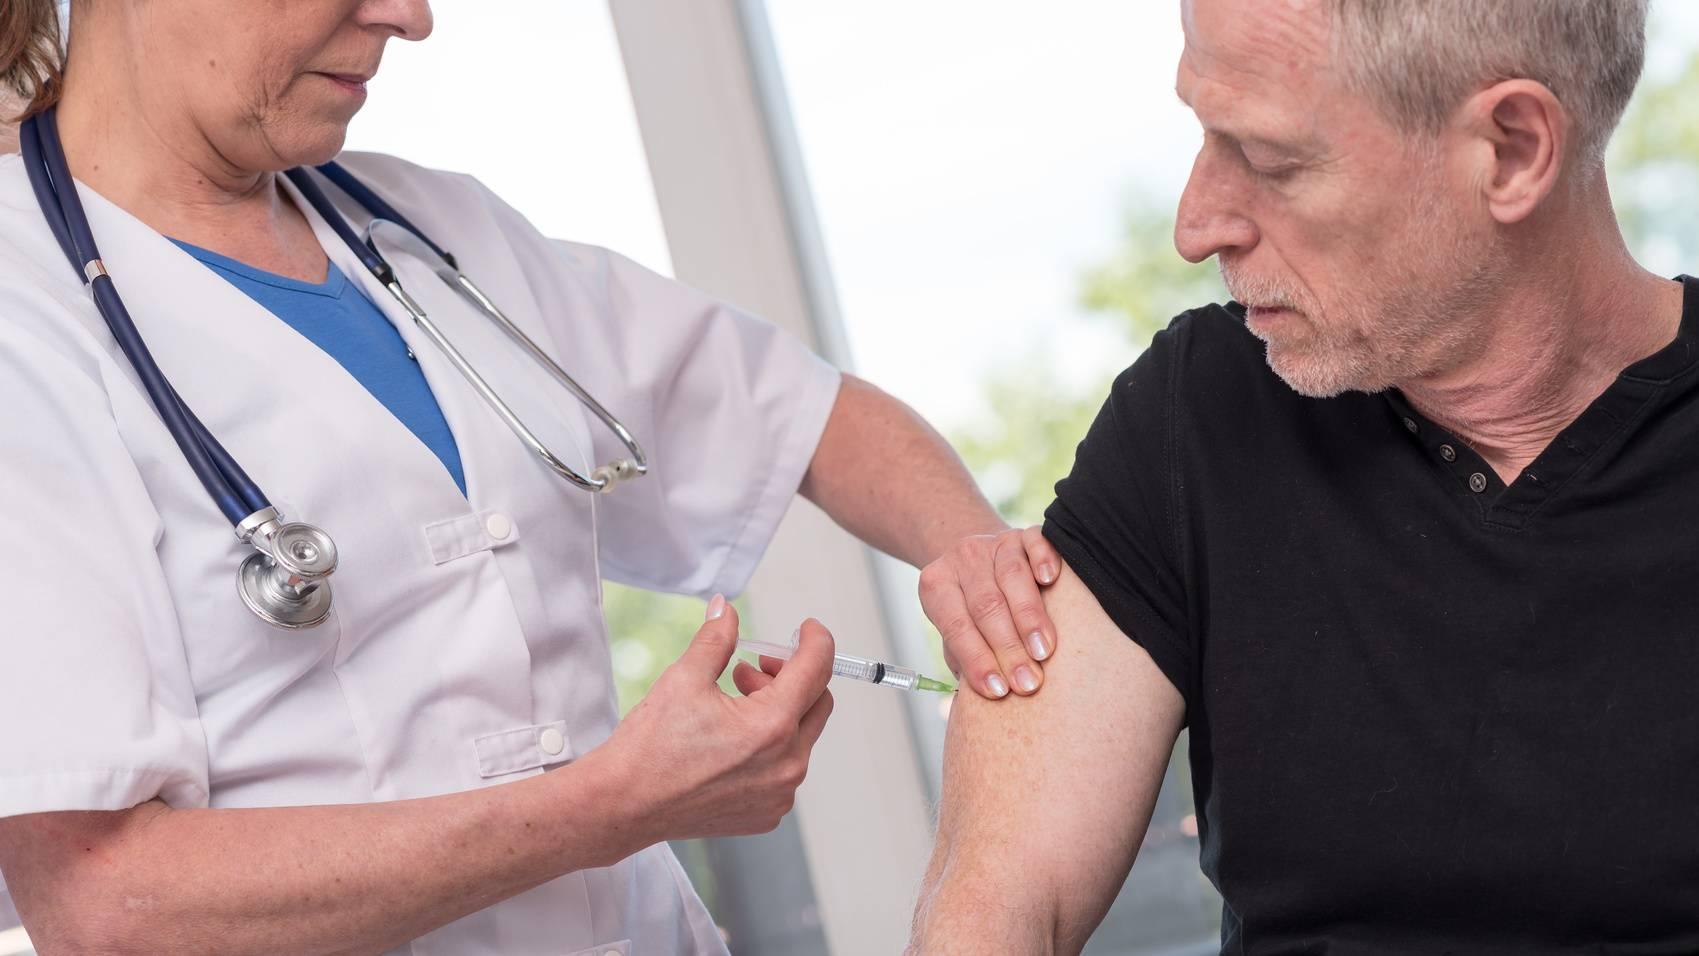 Antyszczepionkowcy zyja dzieki zaszczepionym rodzicom